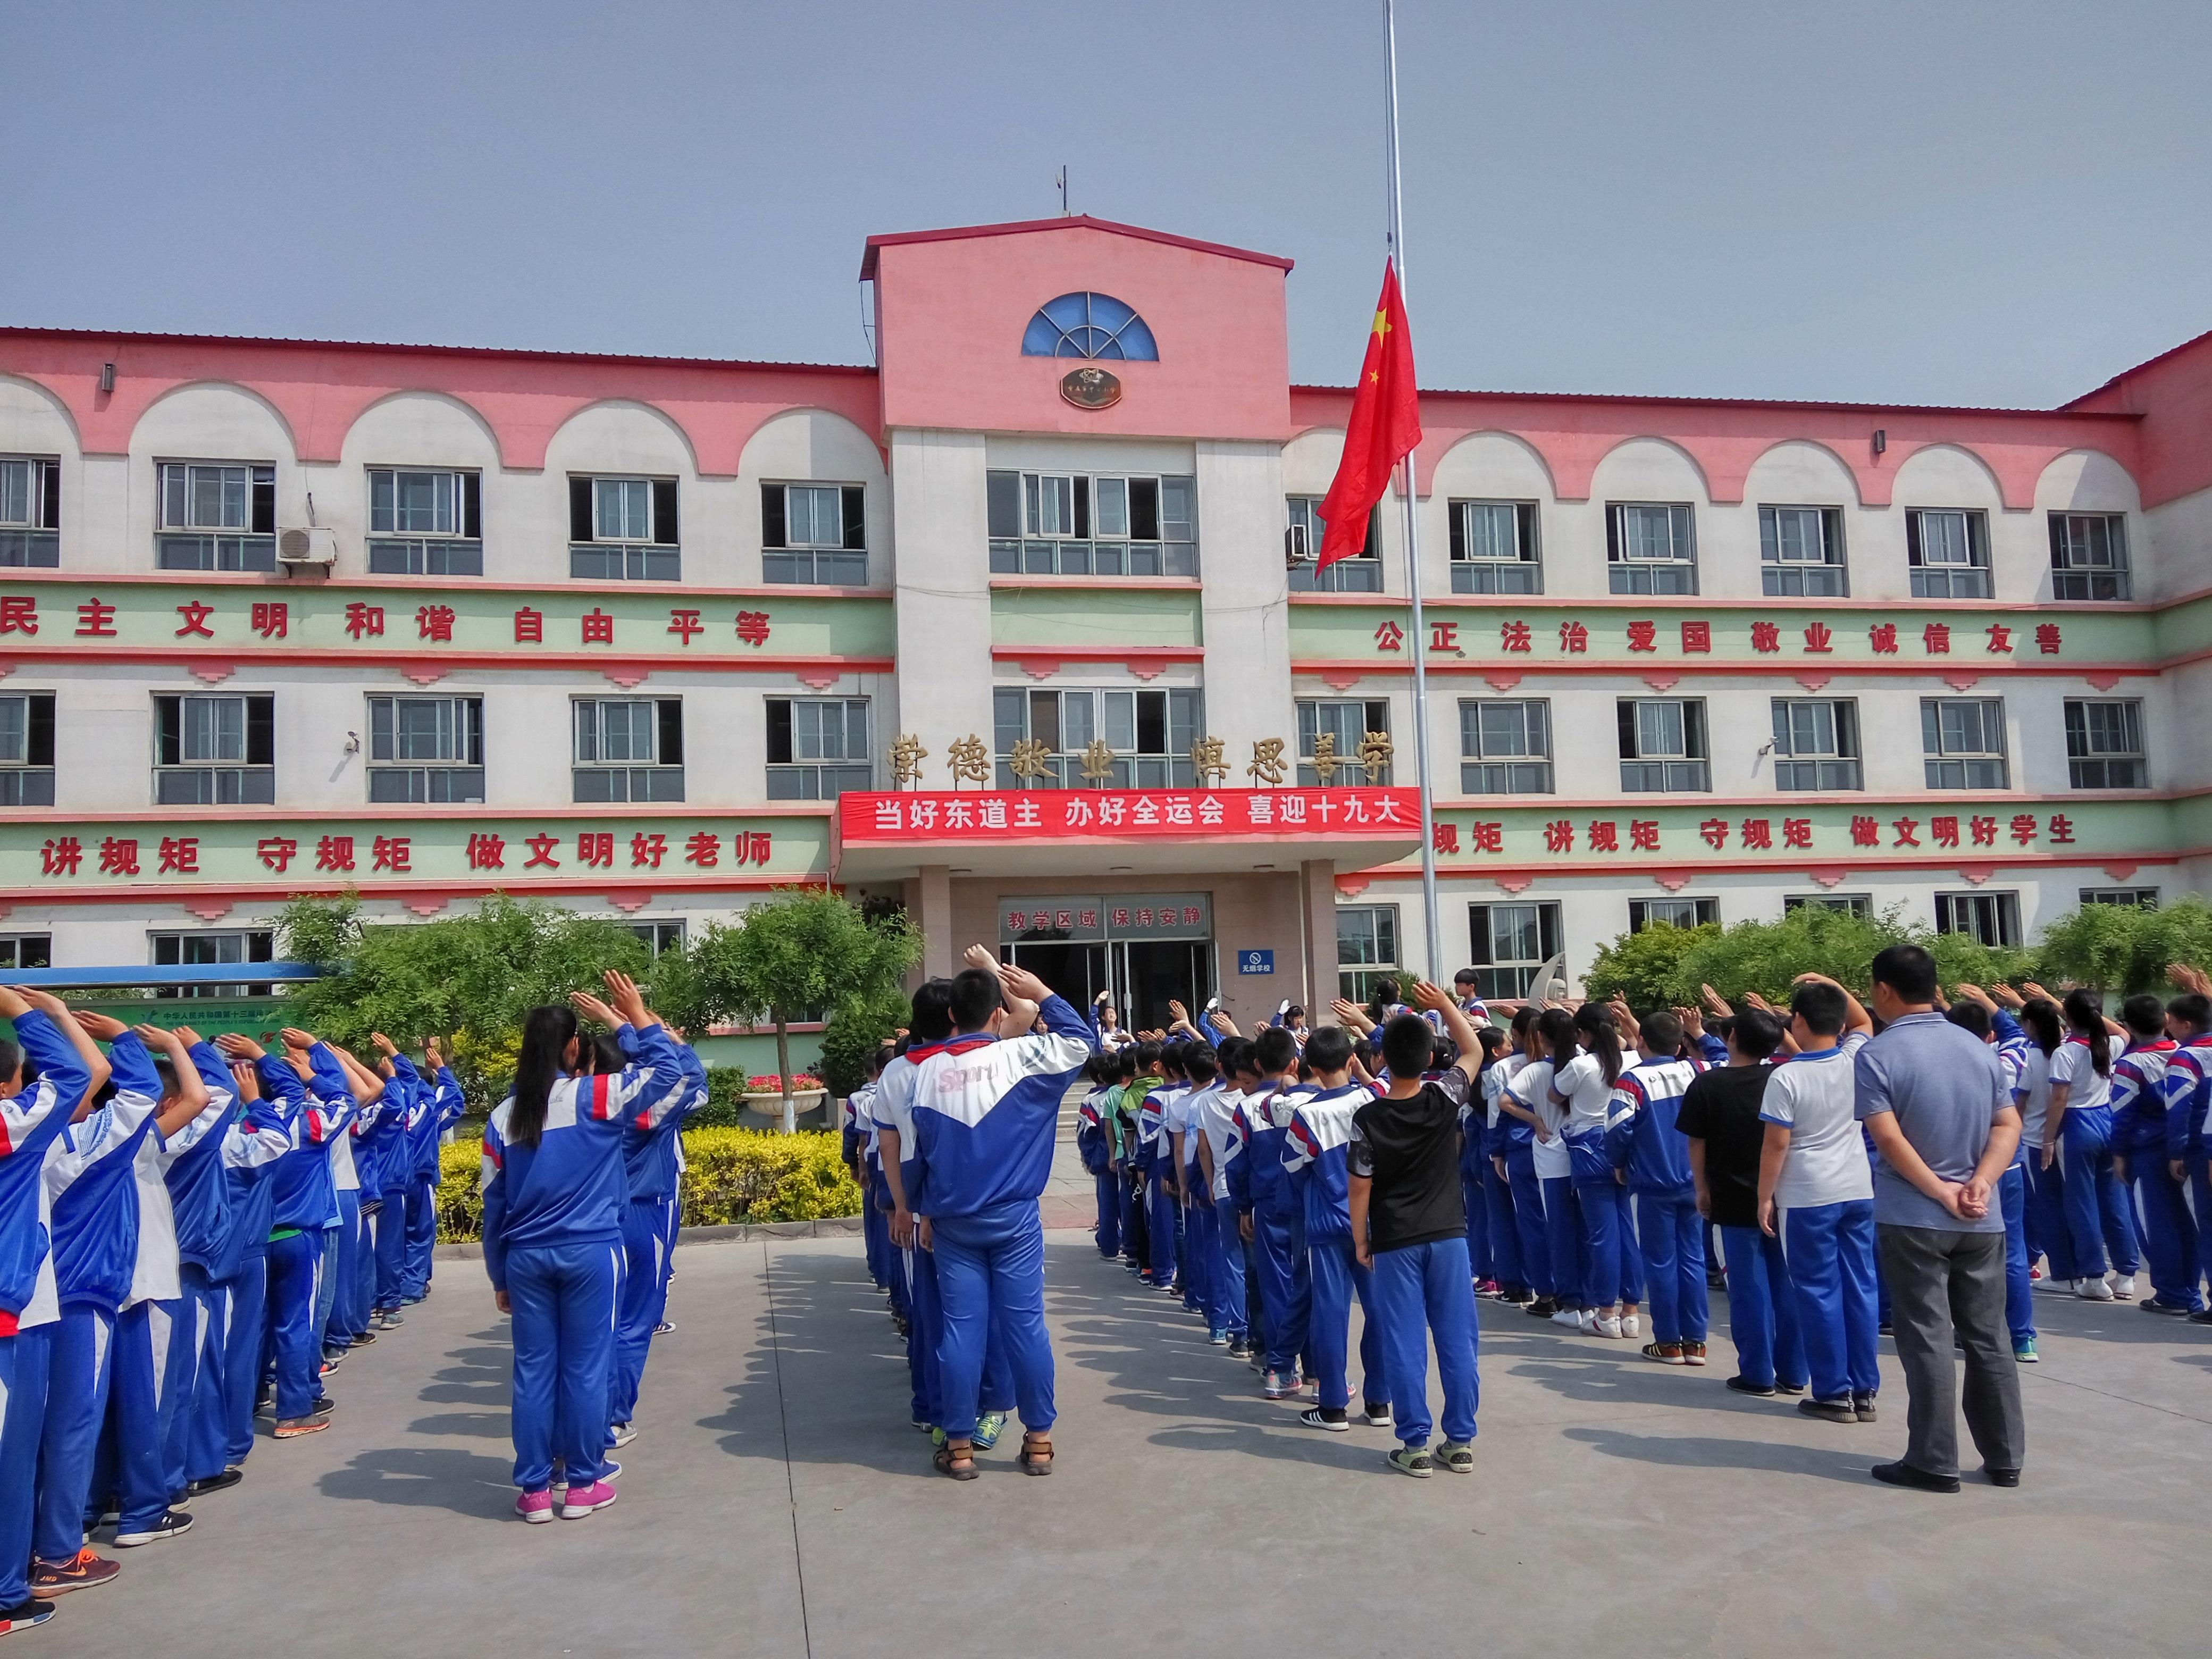 天津市静海区杨成庄乡董庄窠小学